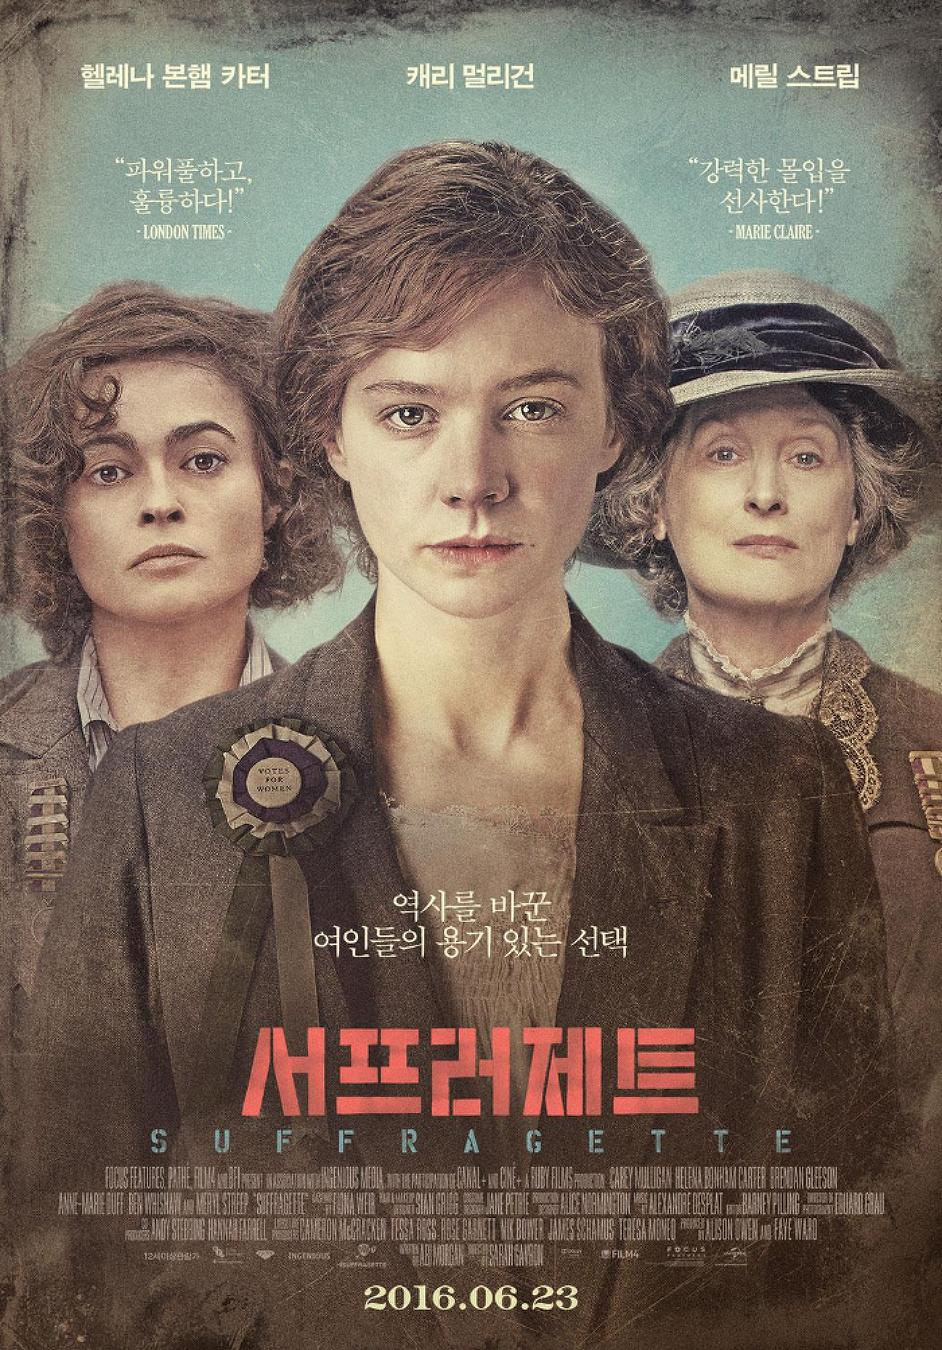 [후기] 회원소모임 '내가반한언니' 4월 모임 :..